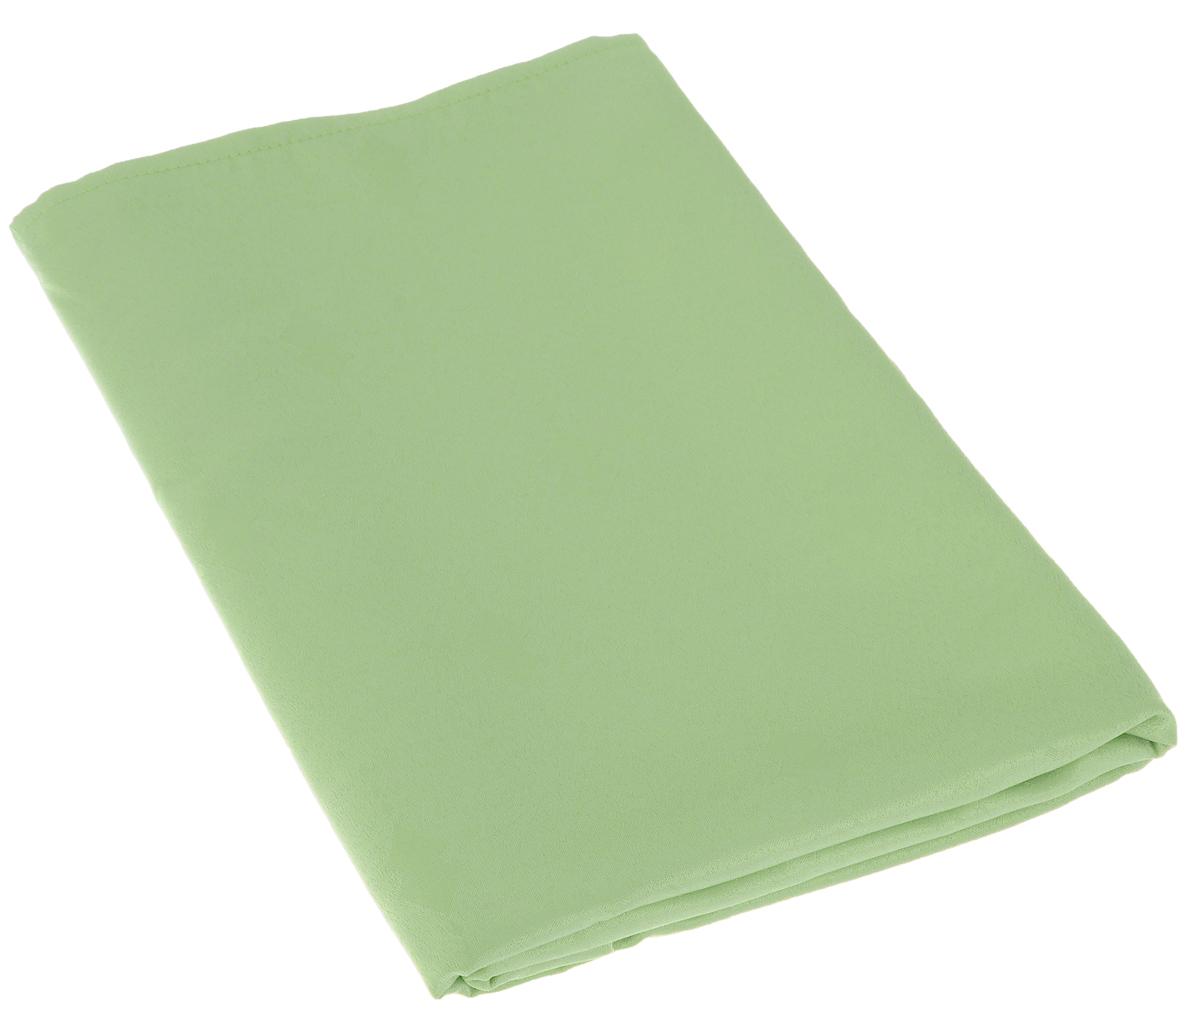 """Скатерть """"Schaefer"""", прямоугольная, цвет: светло-зеленый, 130 х 160 см. 07509-427"""